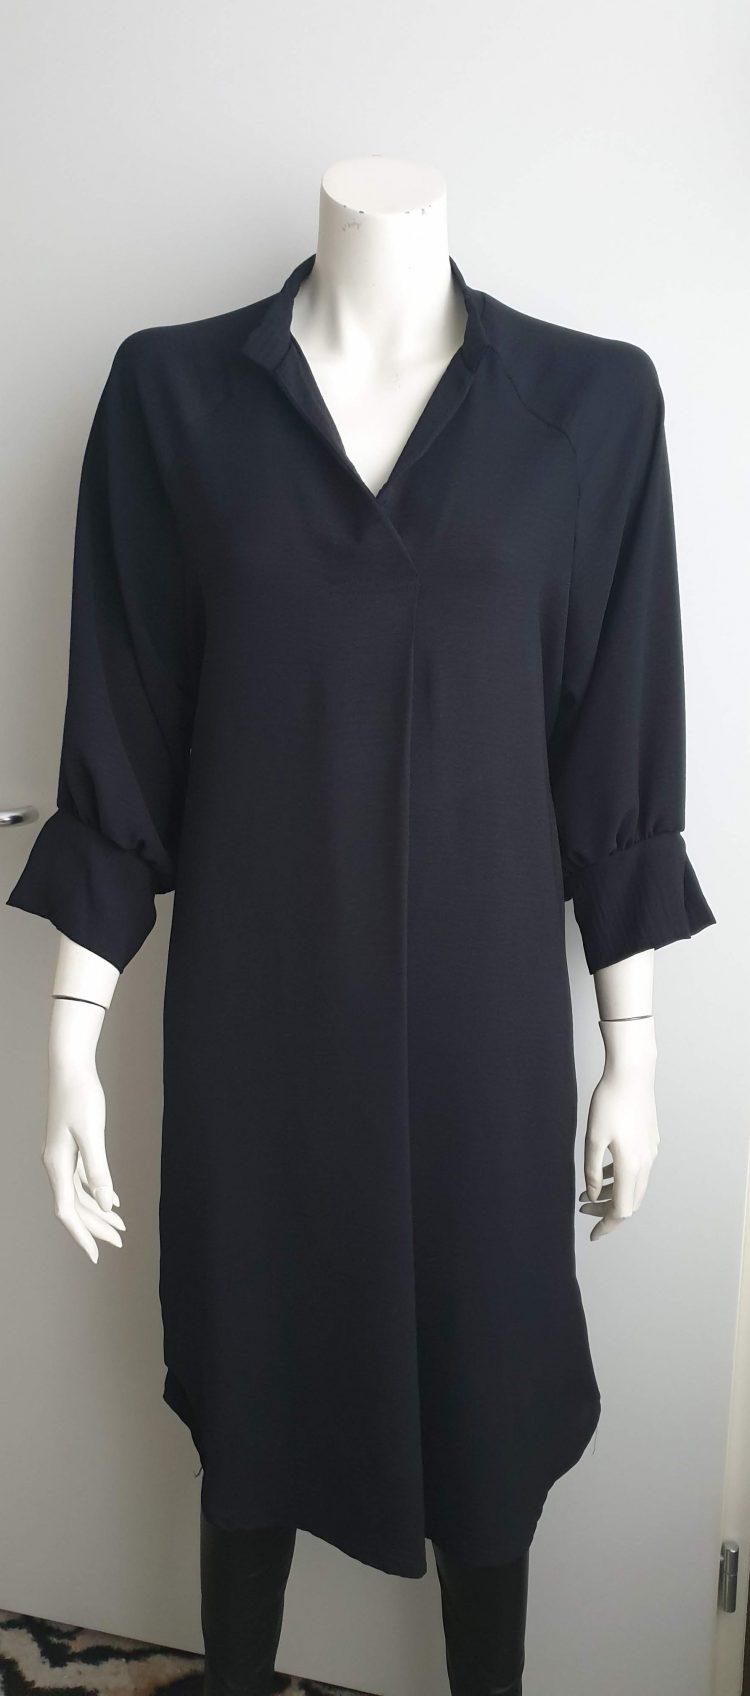 julie jurk zwart